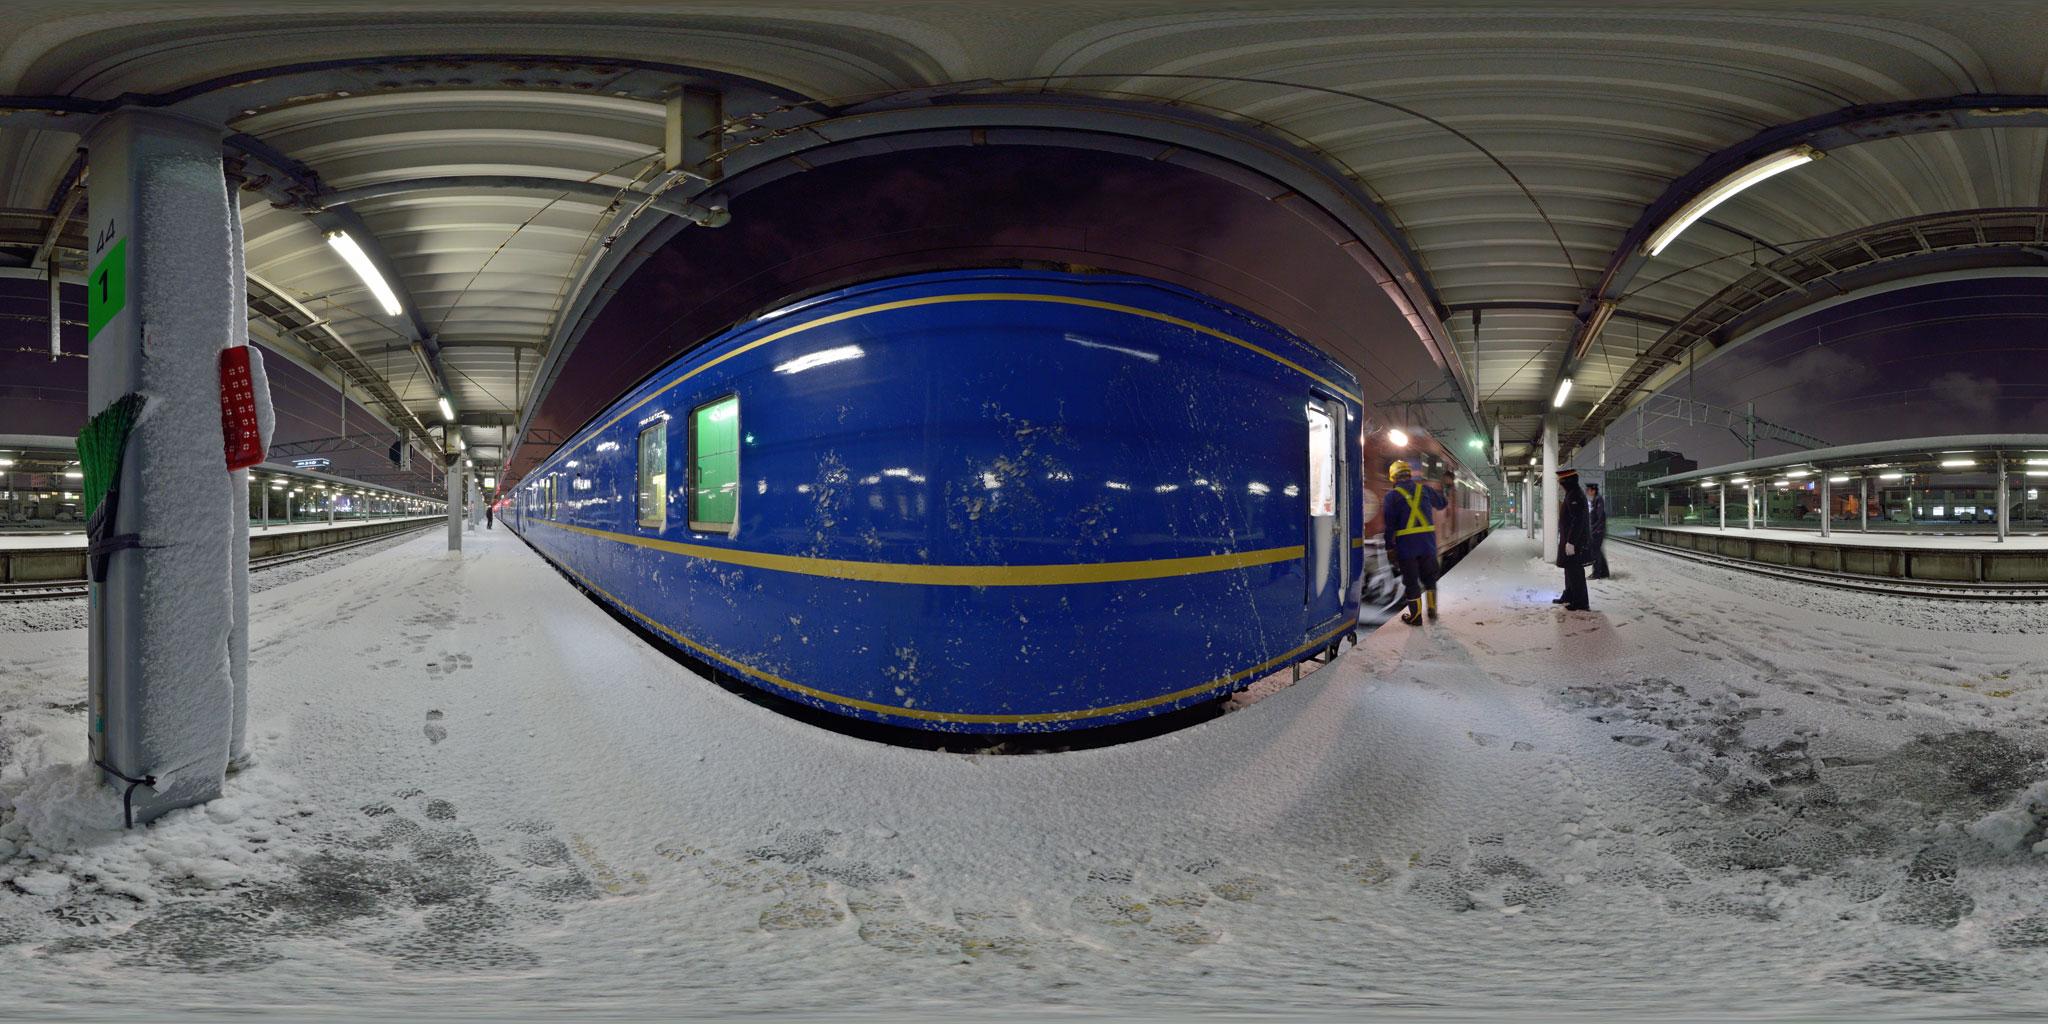 吹雪の函館駅でED79に交換する寝台特急「北斗星」